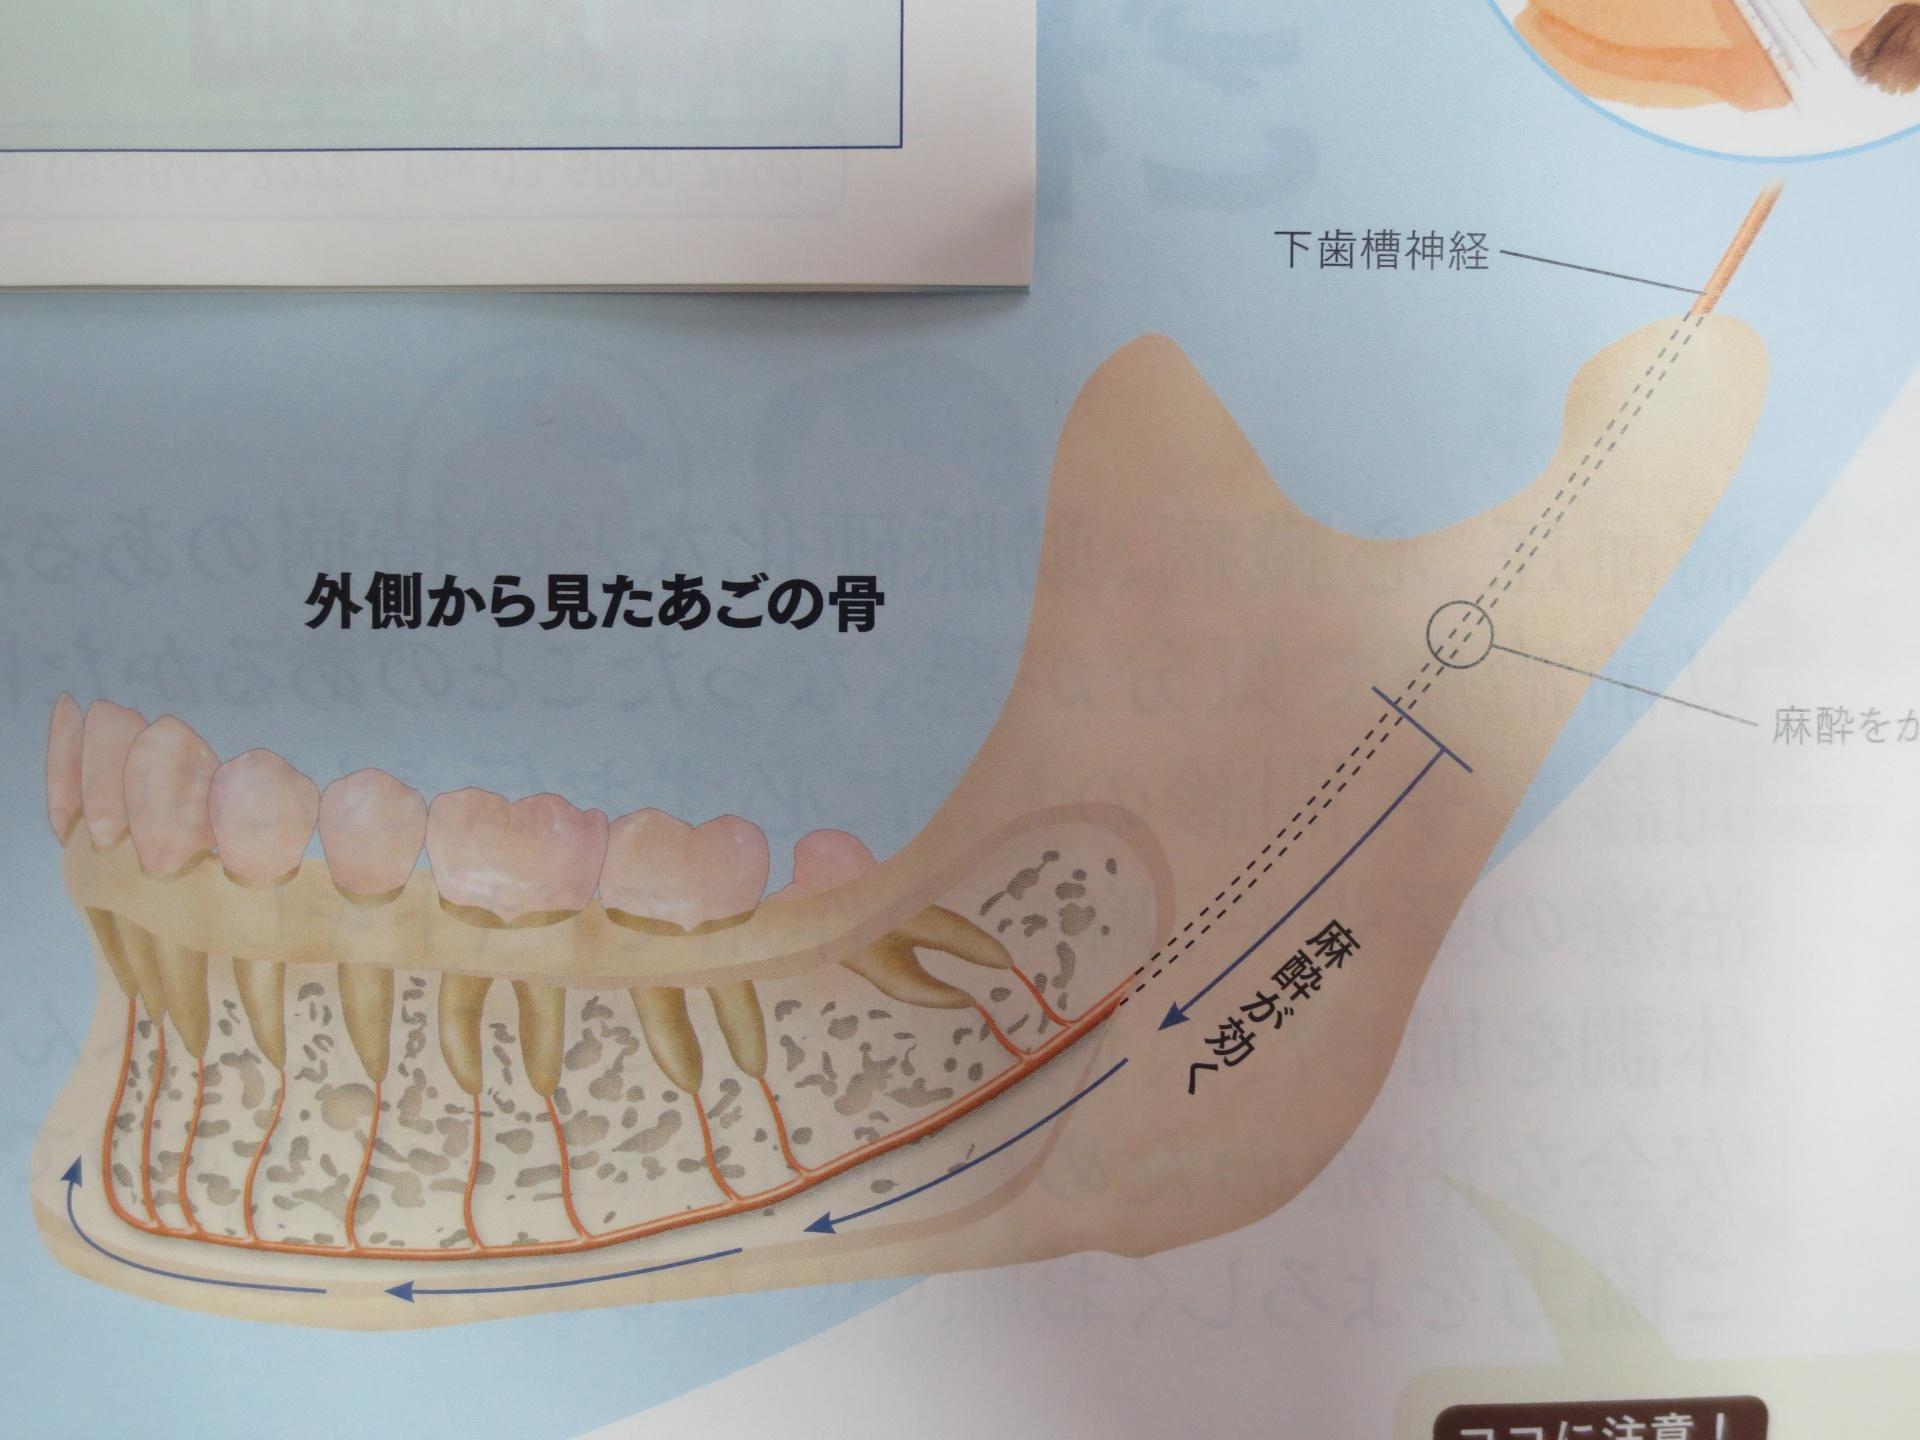 時間 歯医者 麻酔